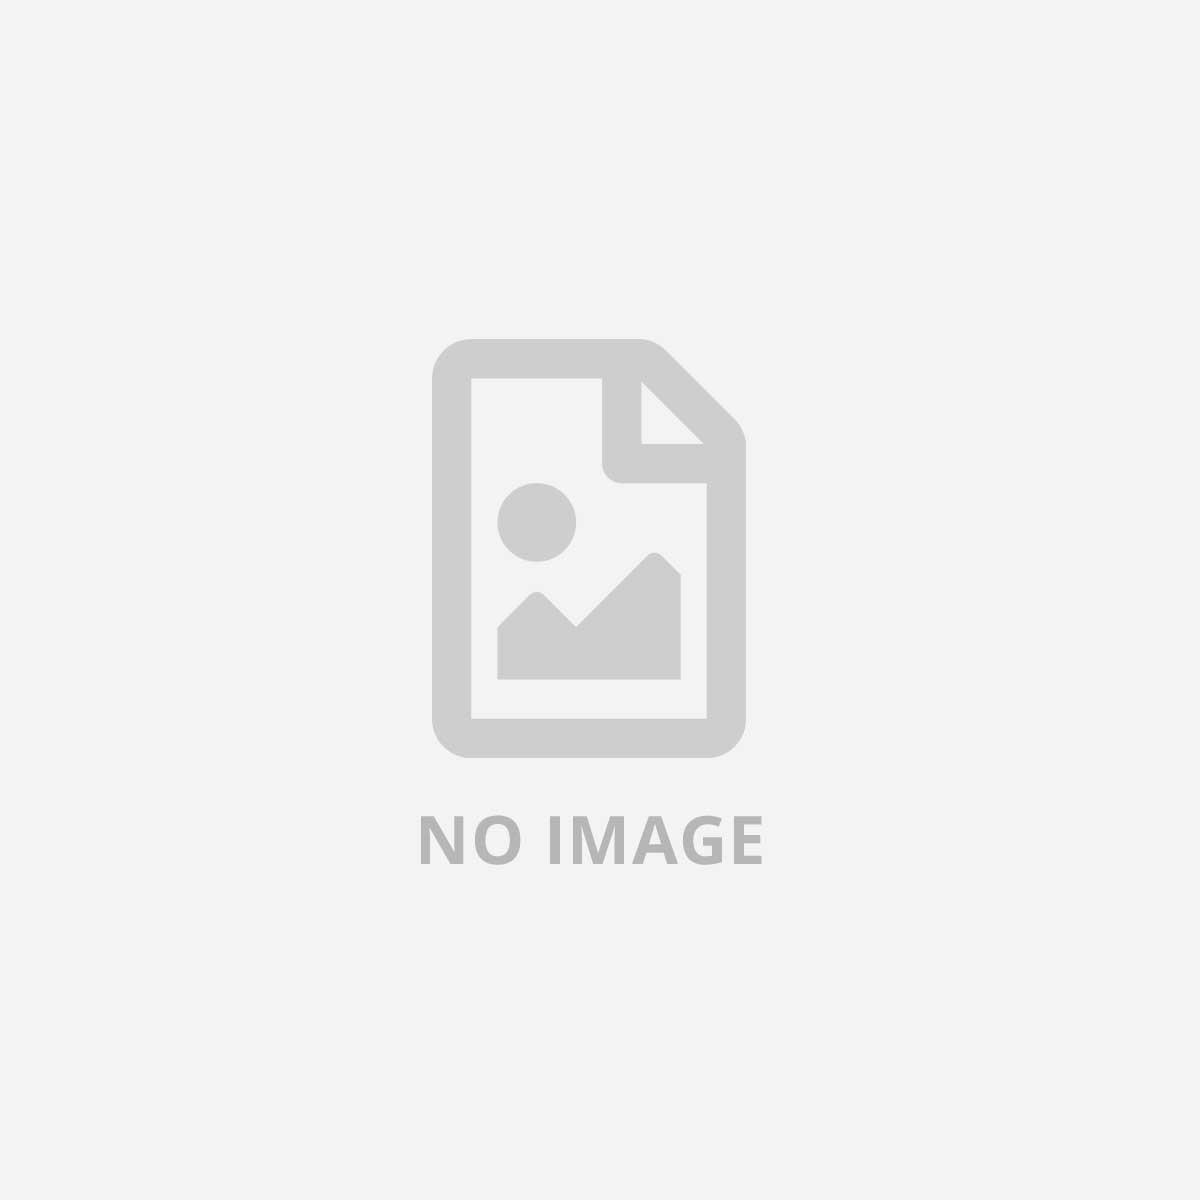 FUJITSU PRAID CP400I RAID 5 CTRL 12GB/S 8P